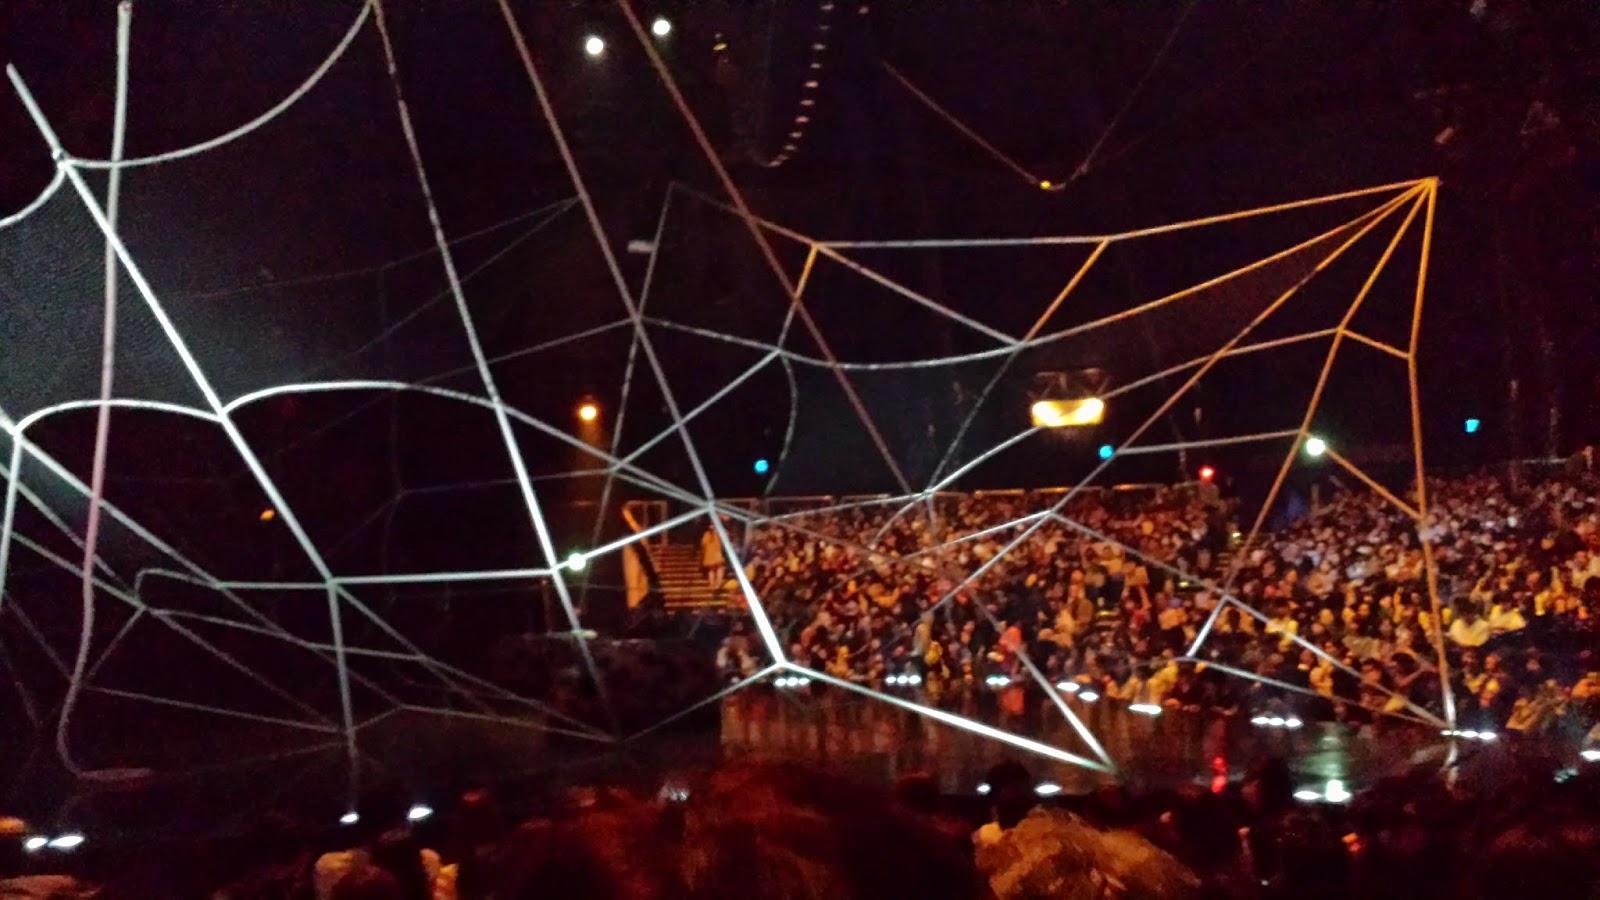 cirque du soleil, ovo, tokyo, japan, circus, stage